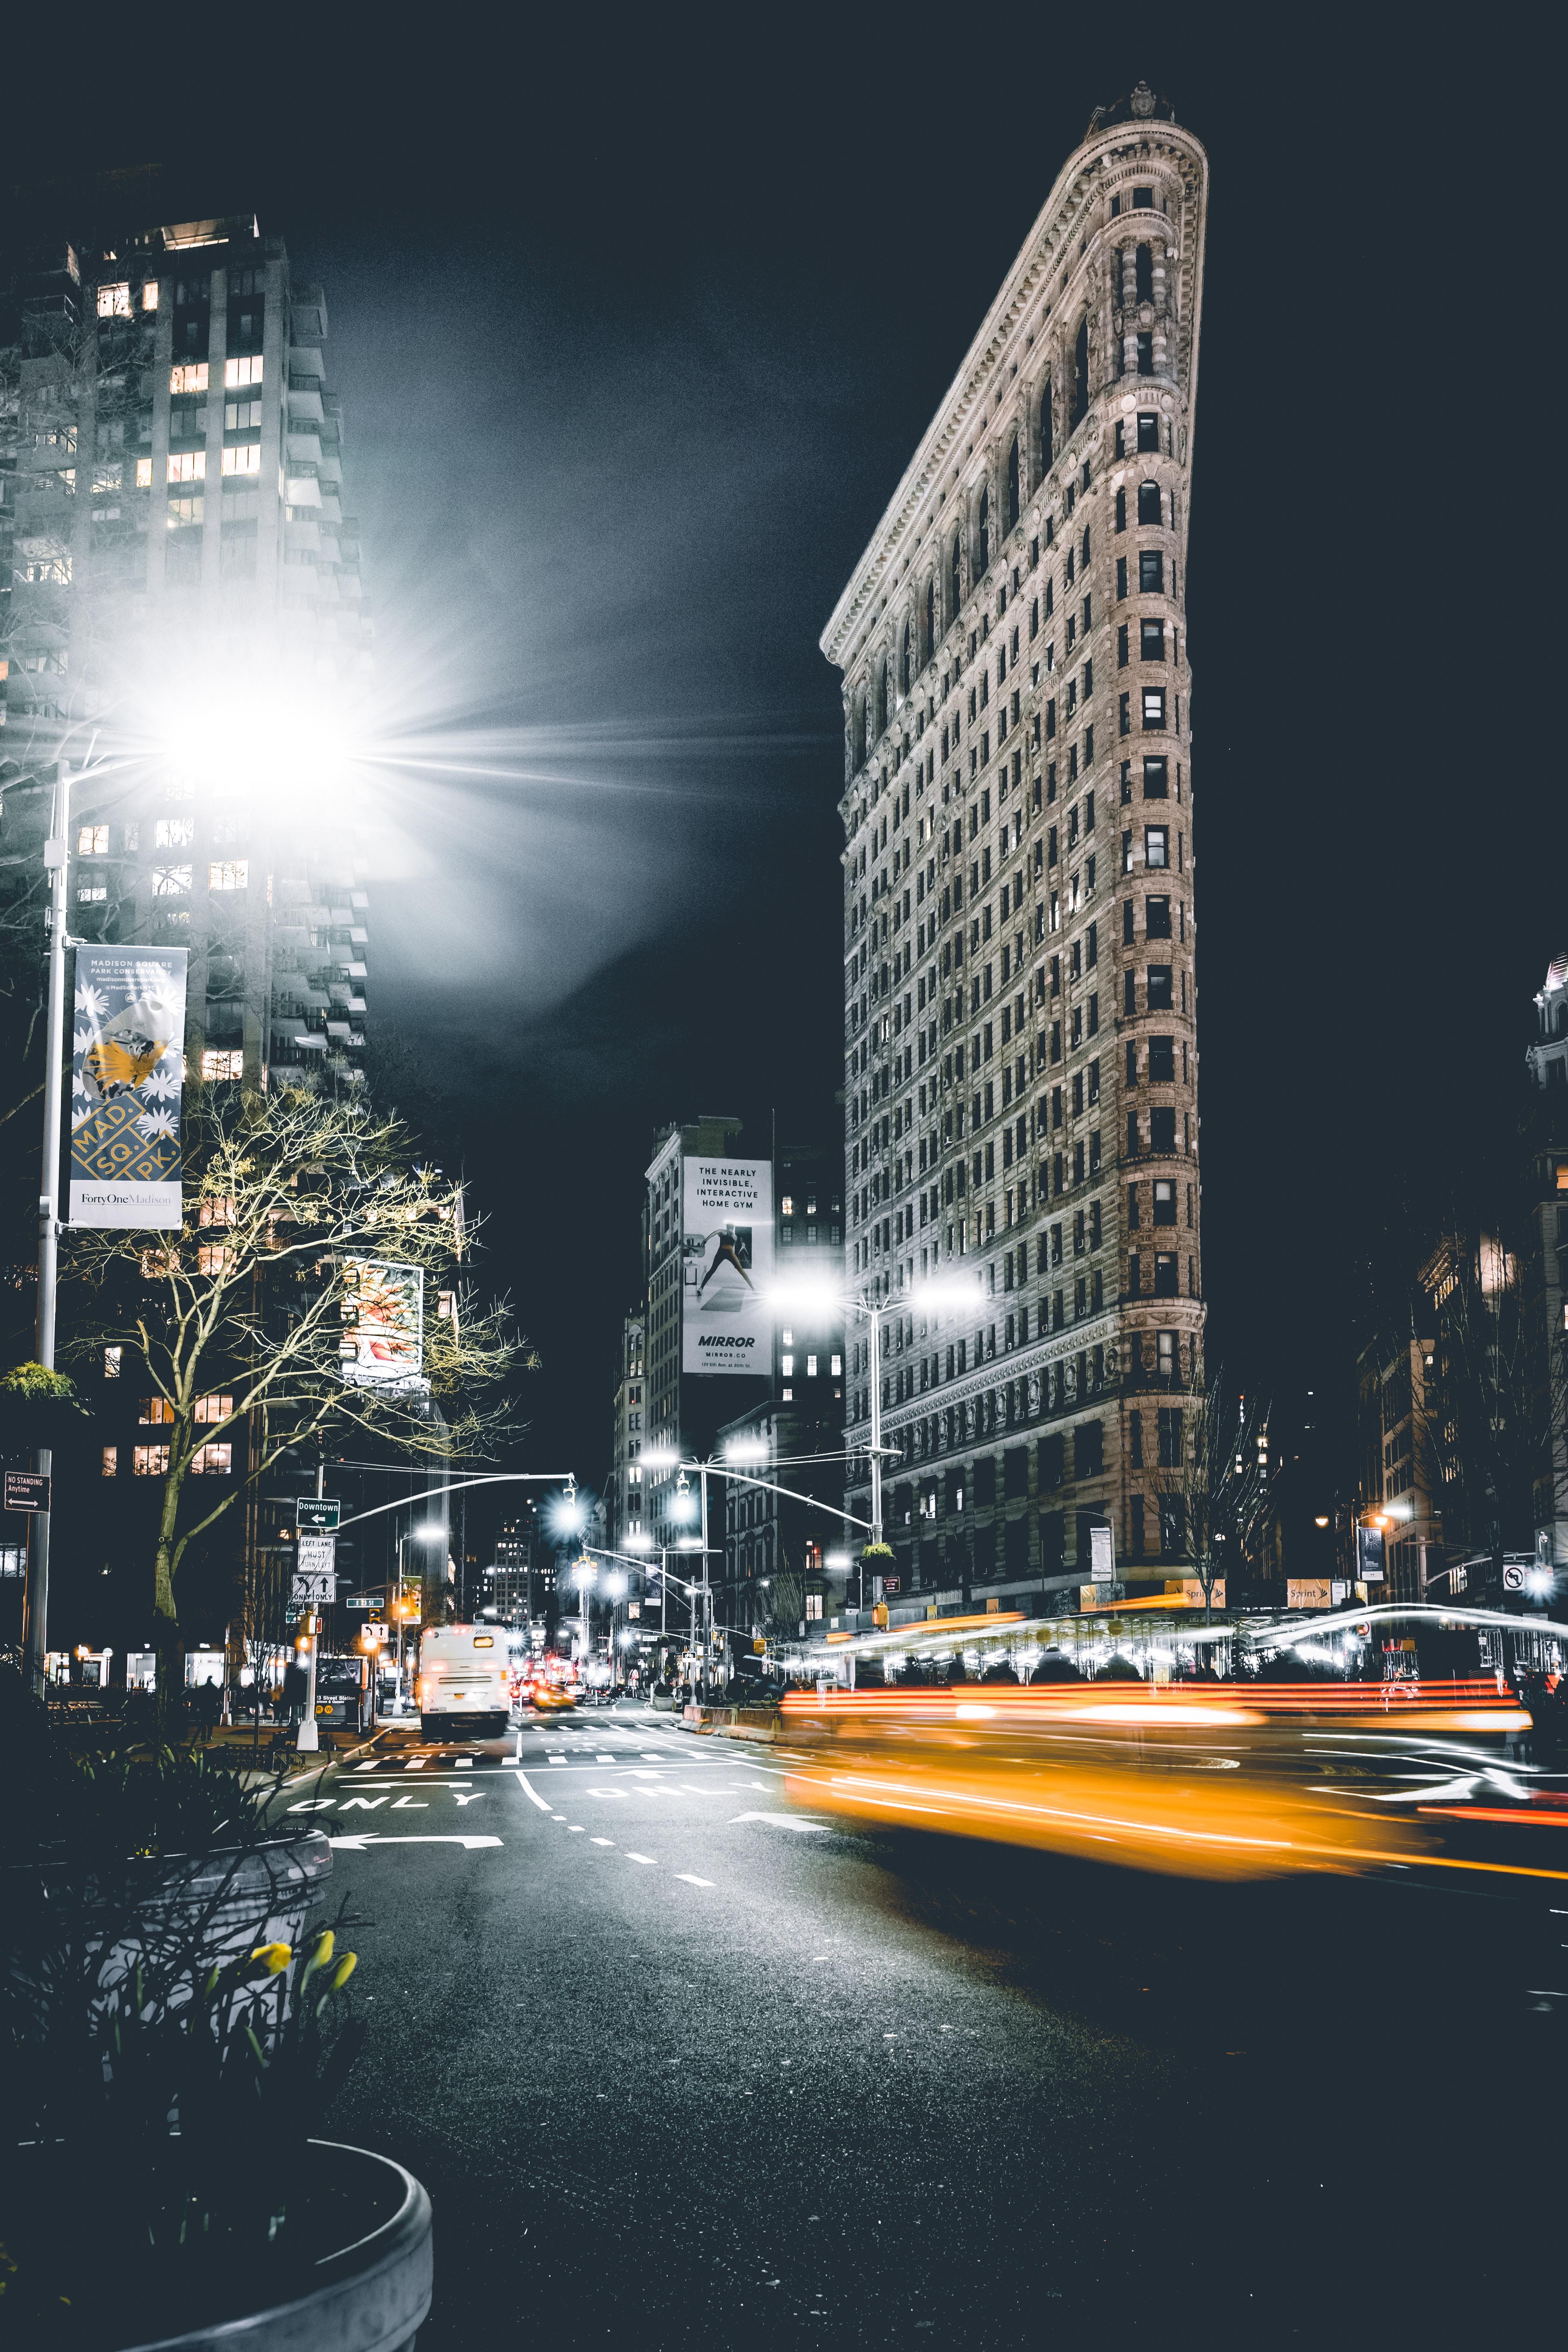 67510 скачать обои Улица, Городской, Движение, Транспорт, Здания, Города - заставки и картинки бесплатно